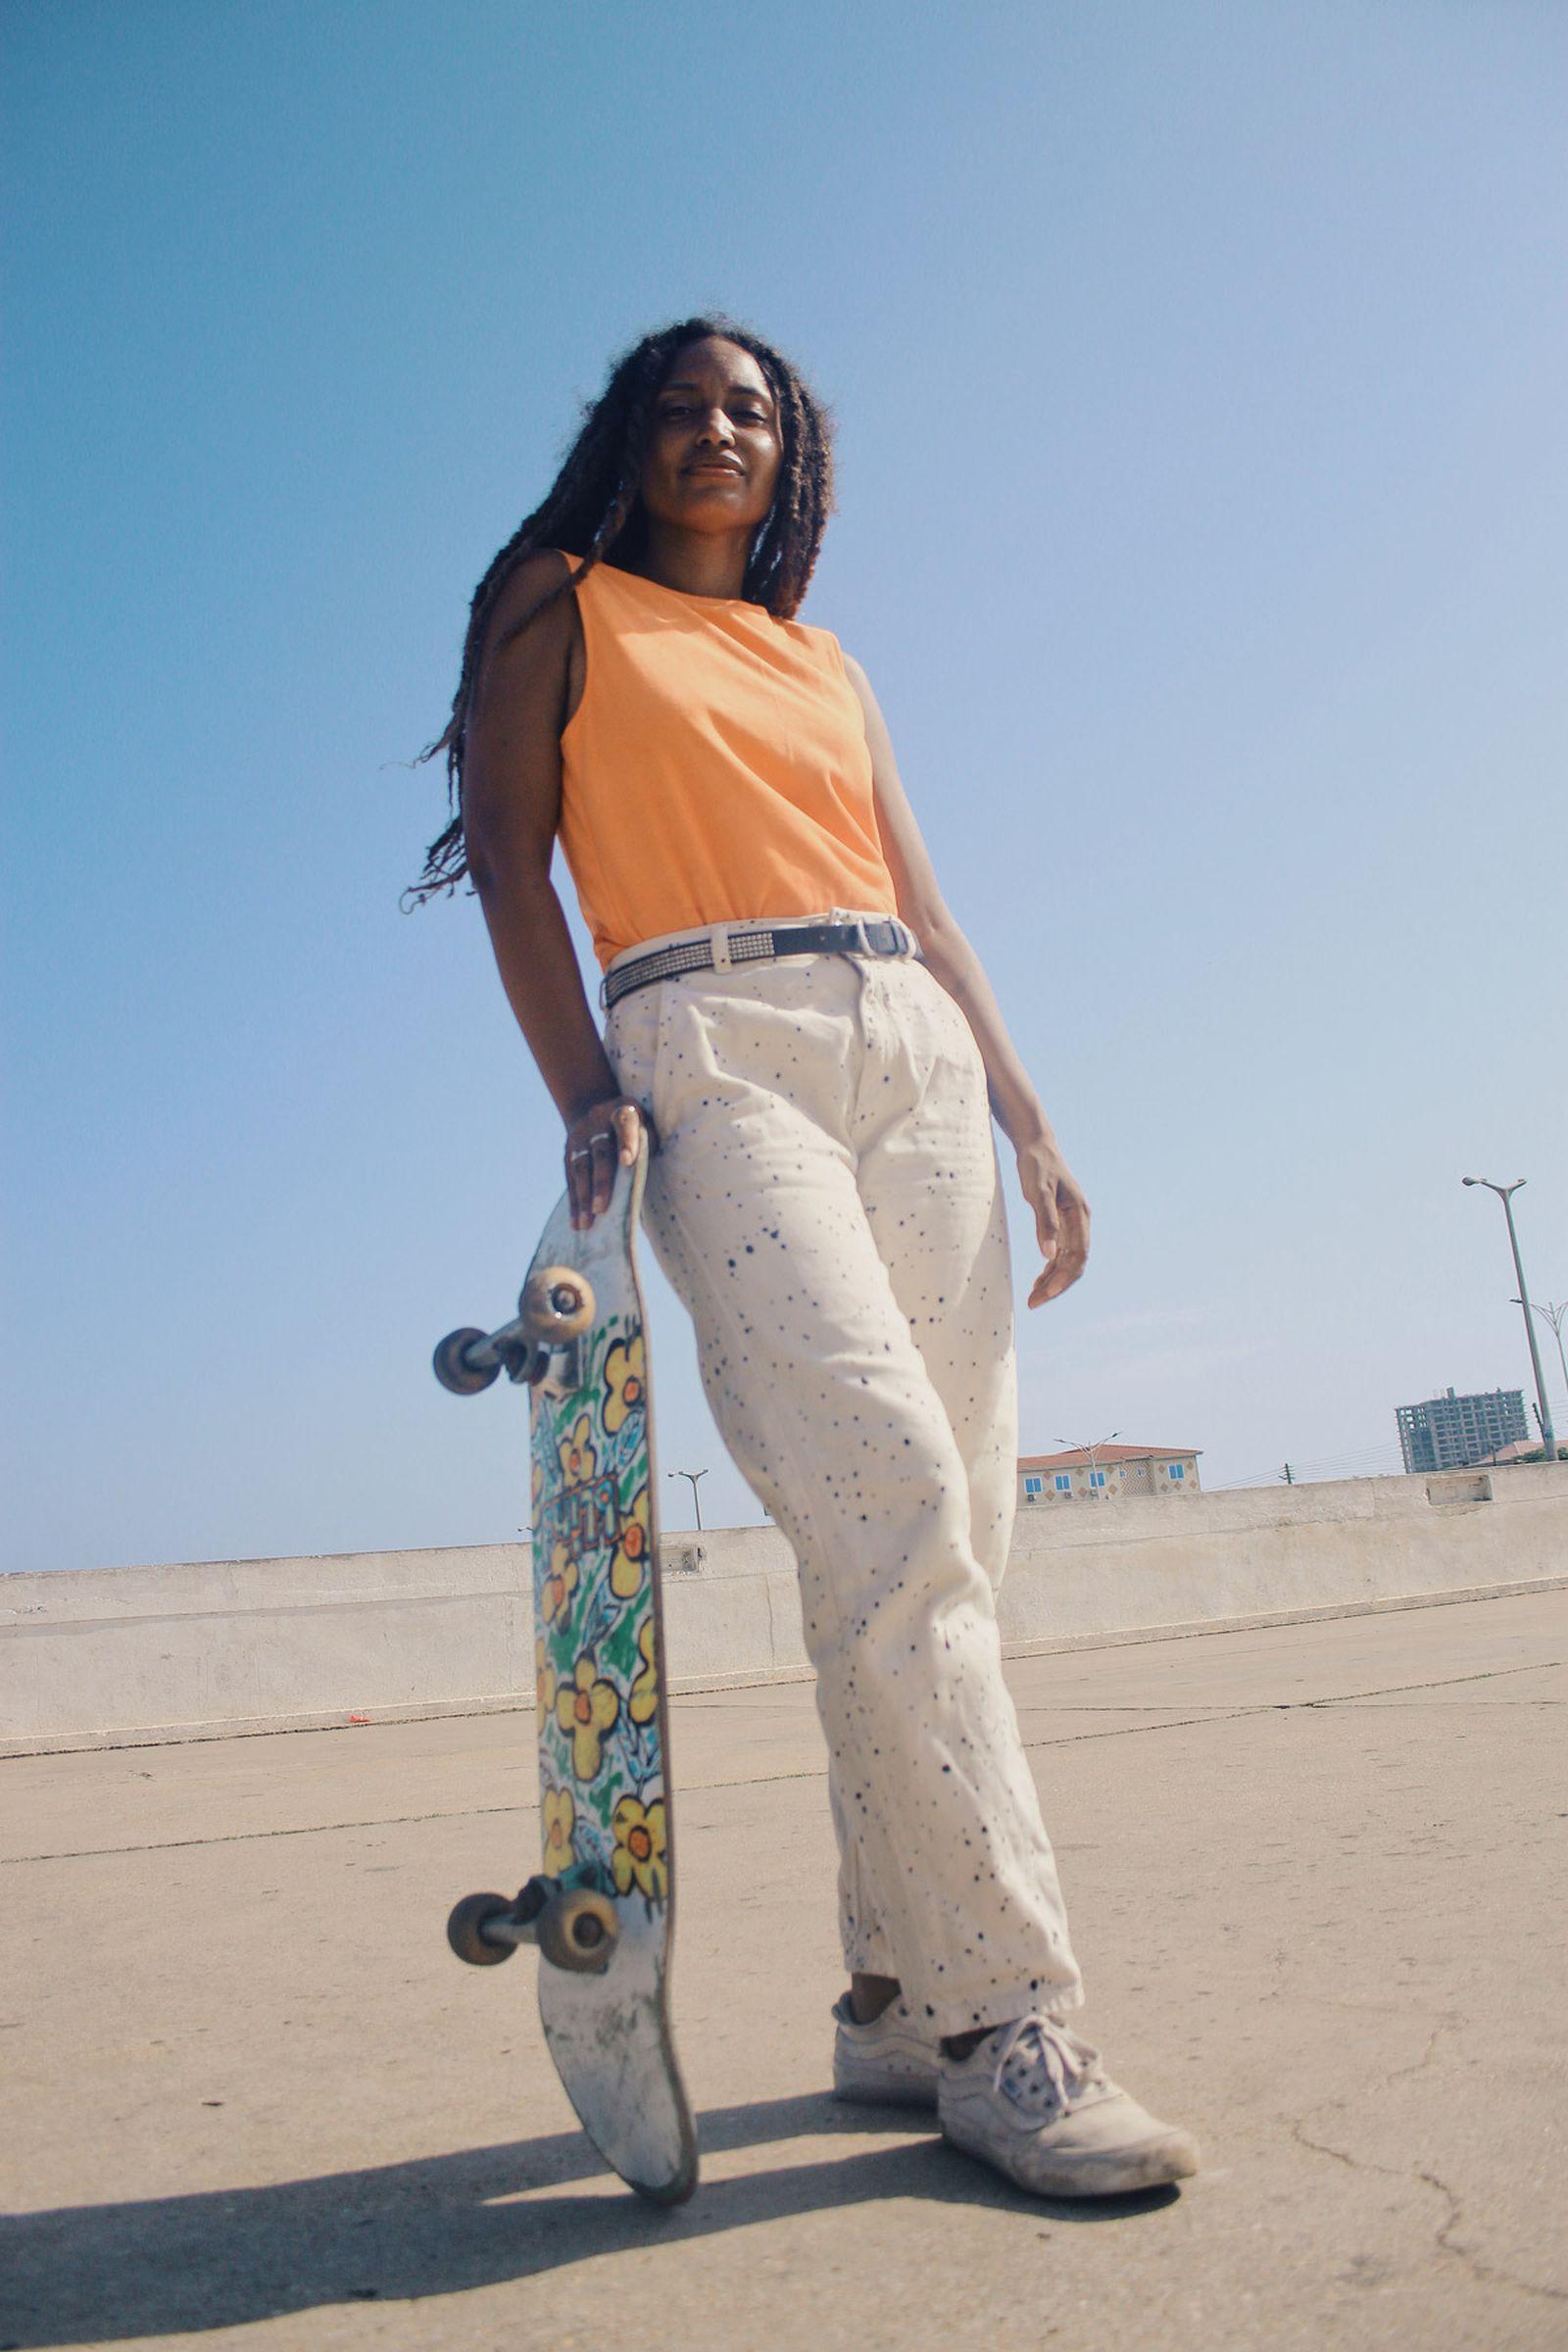 ghanas-first-skate-park-much-skateboarding-02